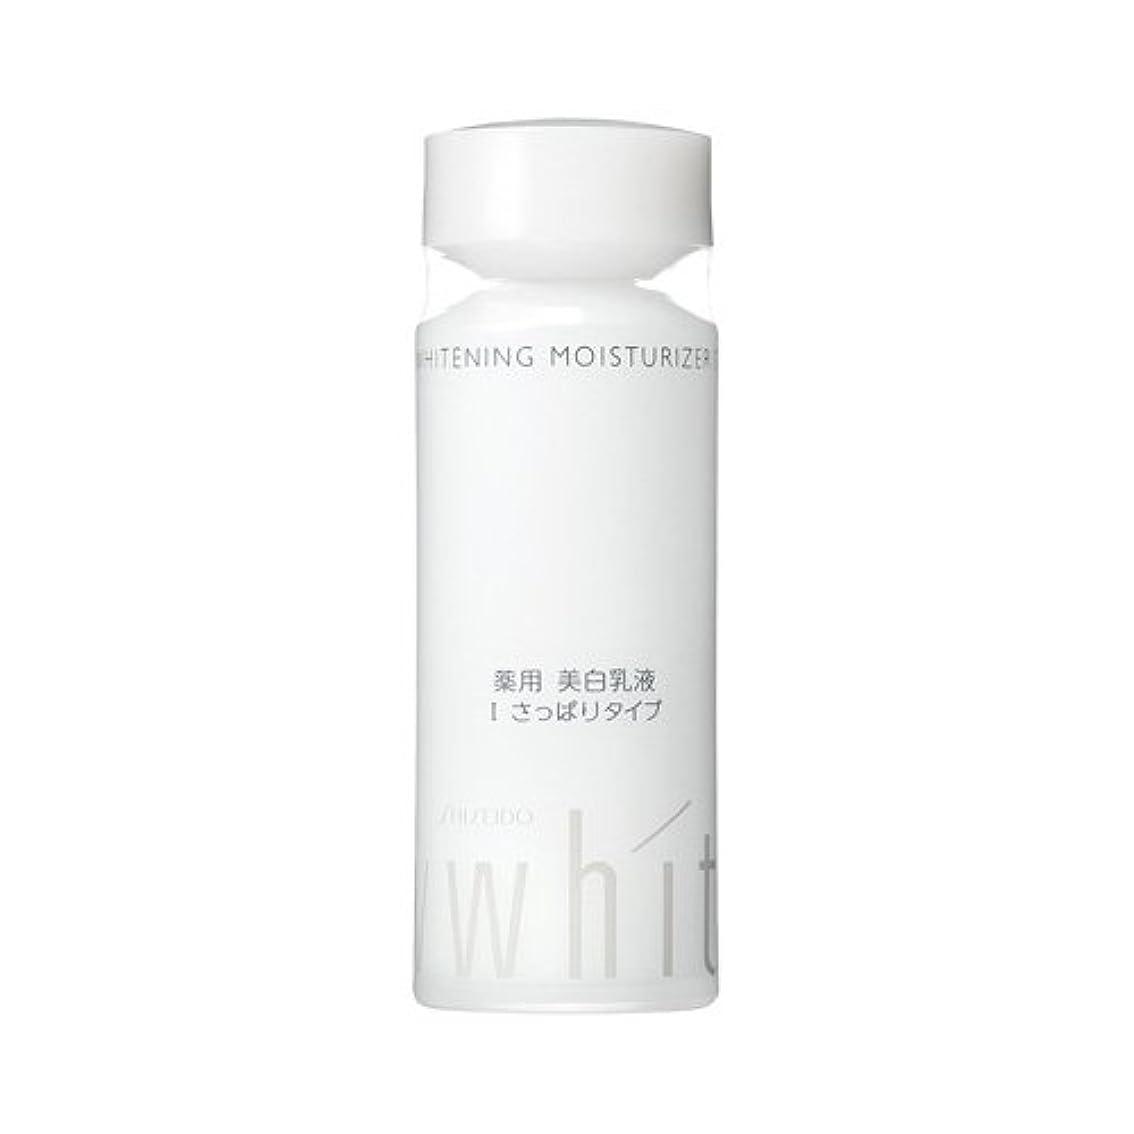 ホームハドルマーカーユーヴィーホワイト ホワイトニング モイスチャーライザーⅠ 乳液(夜用) 100ml